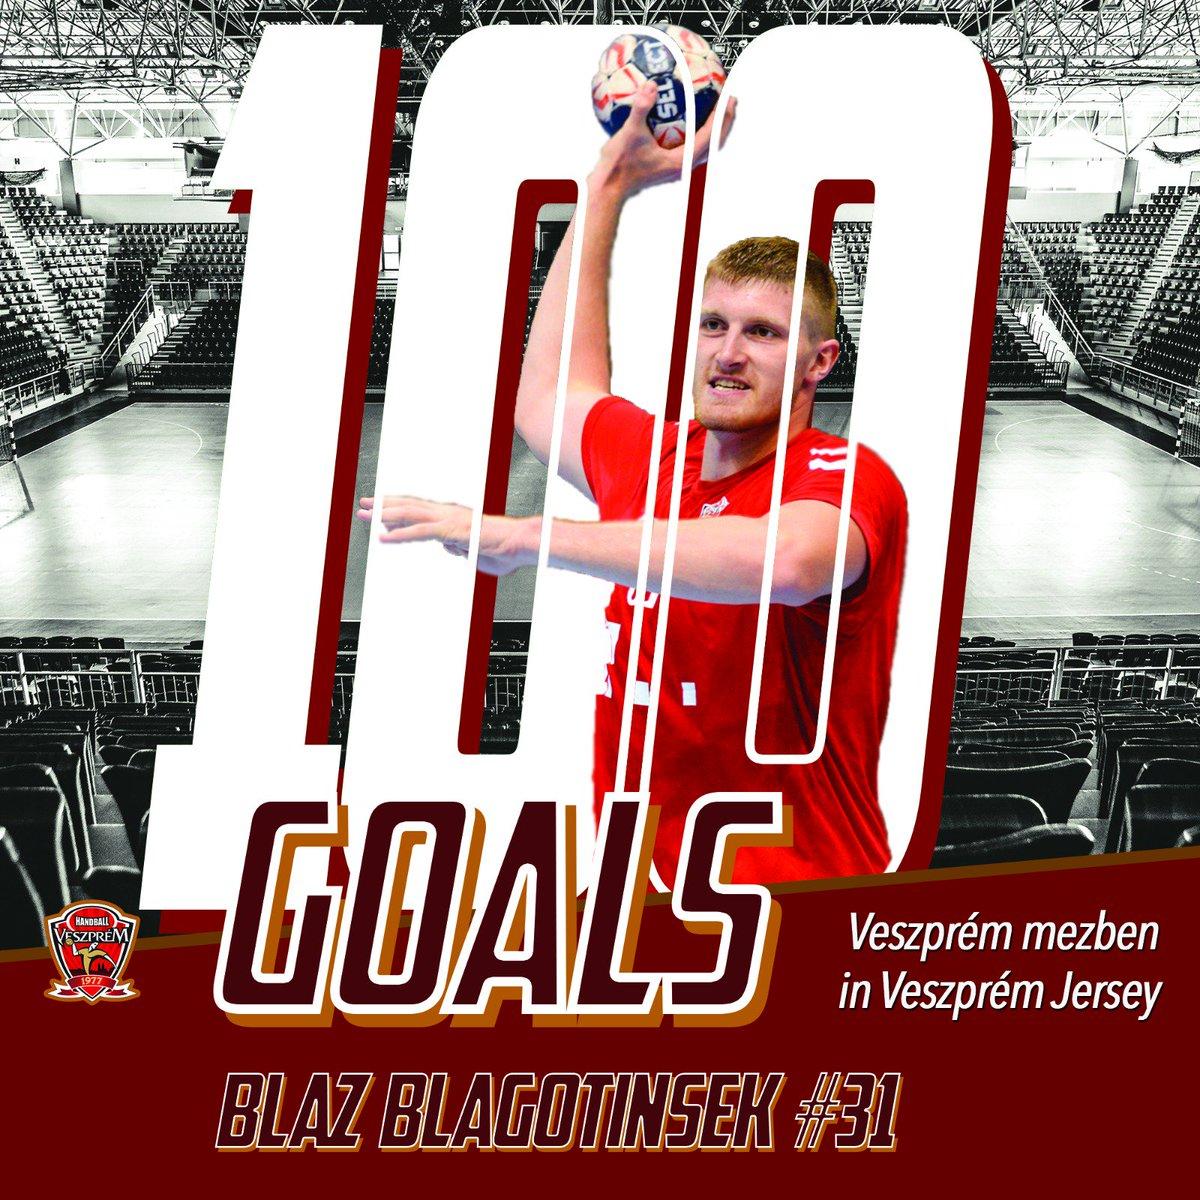 @blagi03 scored his 100th goal in Veszprém jersey! Congratulations! https://t.co/EmeNLXE2cB